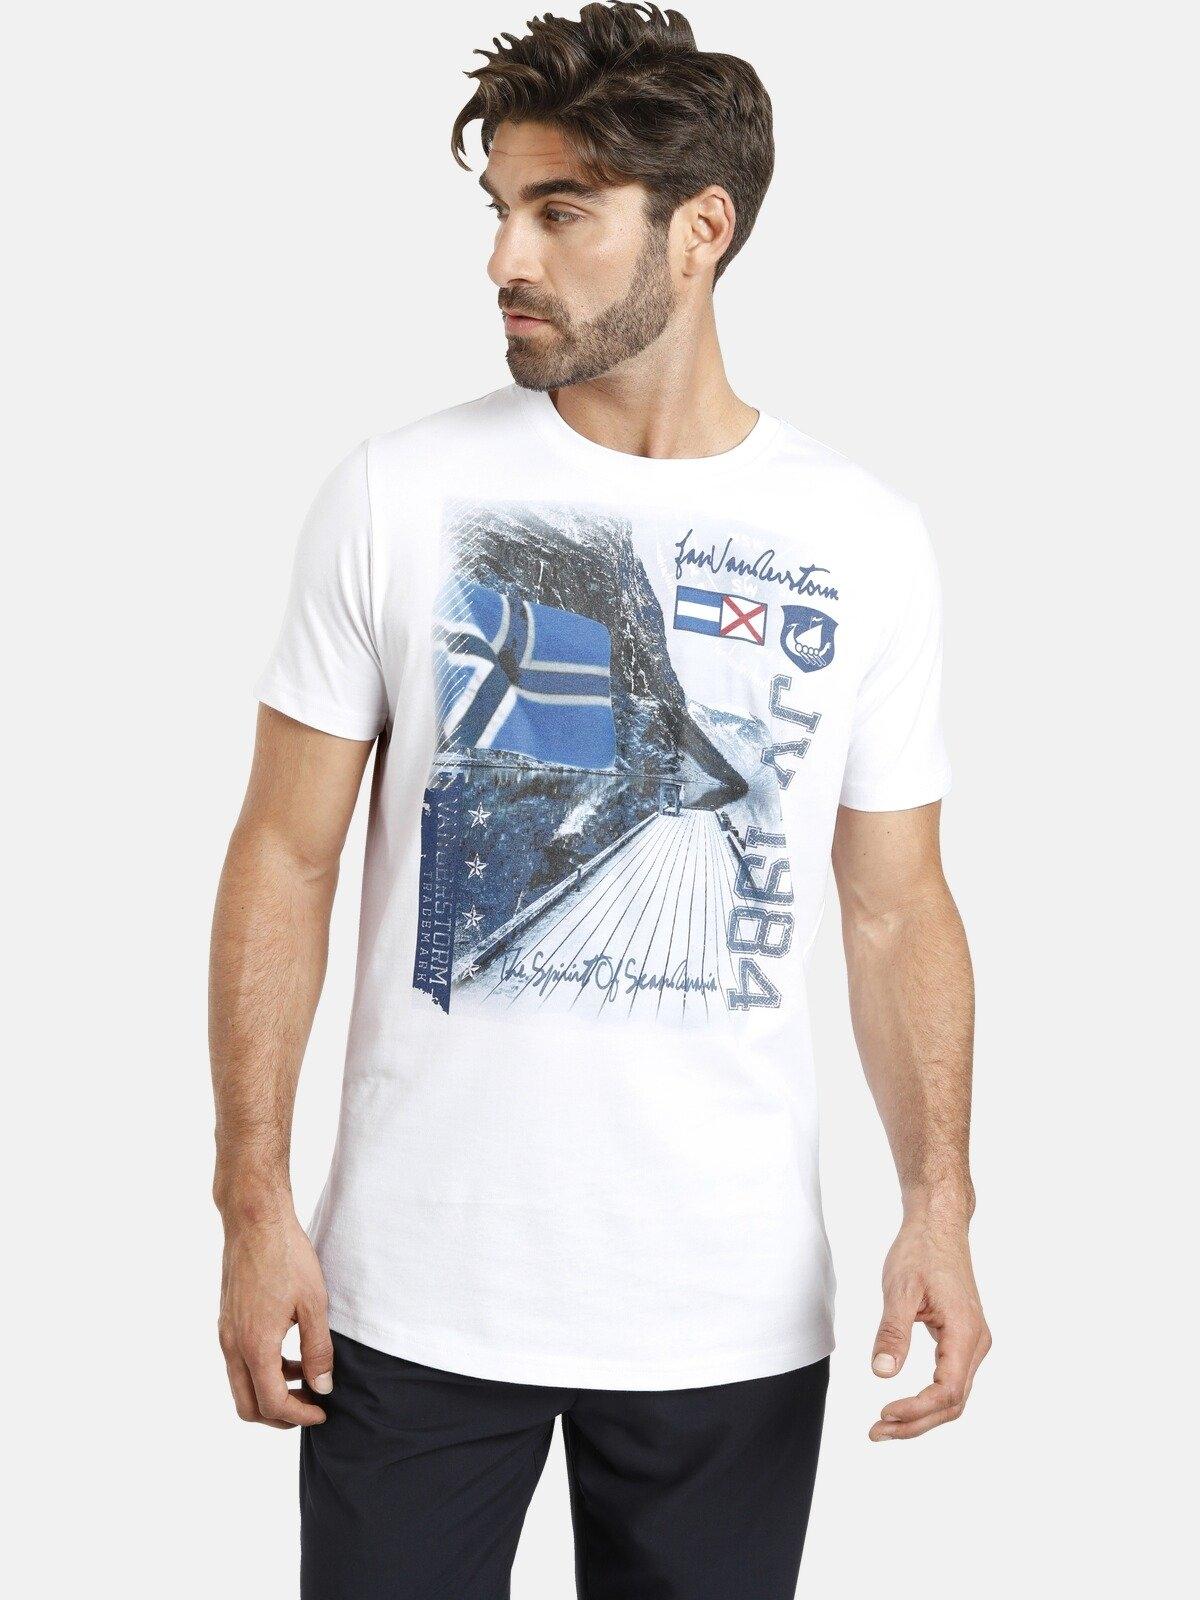 Jan Vanderstorm shirt met ronde hals OYSTEIN met fotoprint, comfort fit - gratis ruilen op otto.nl